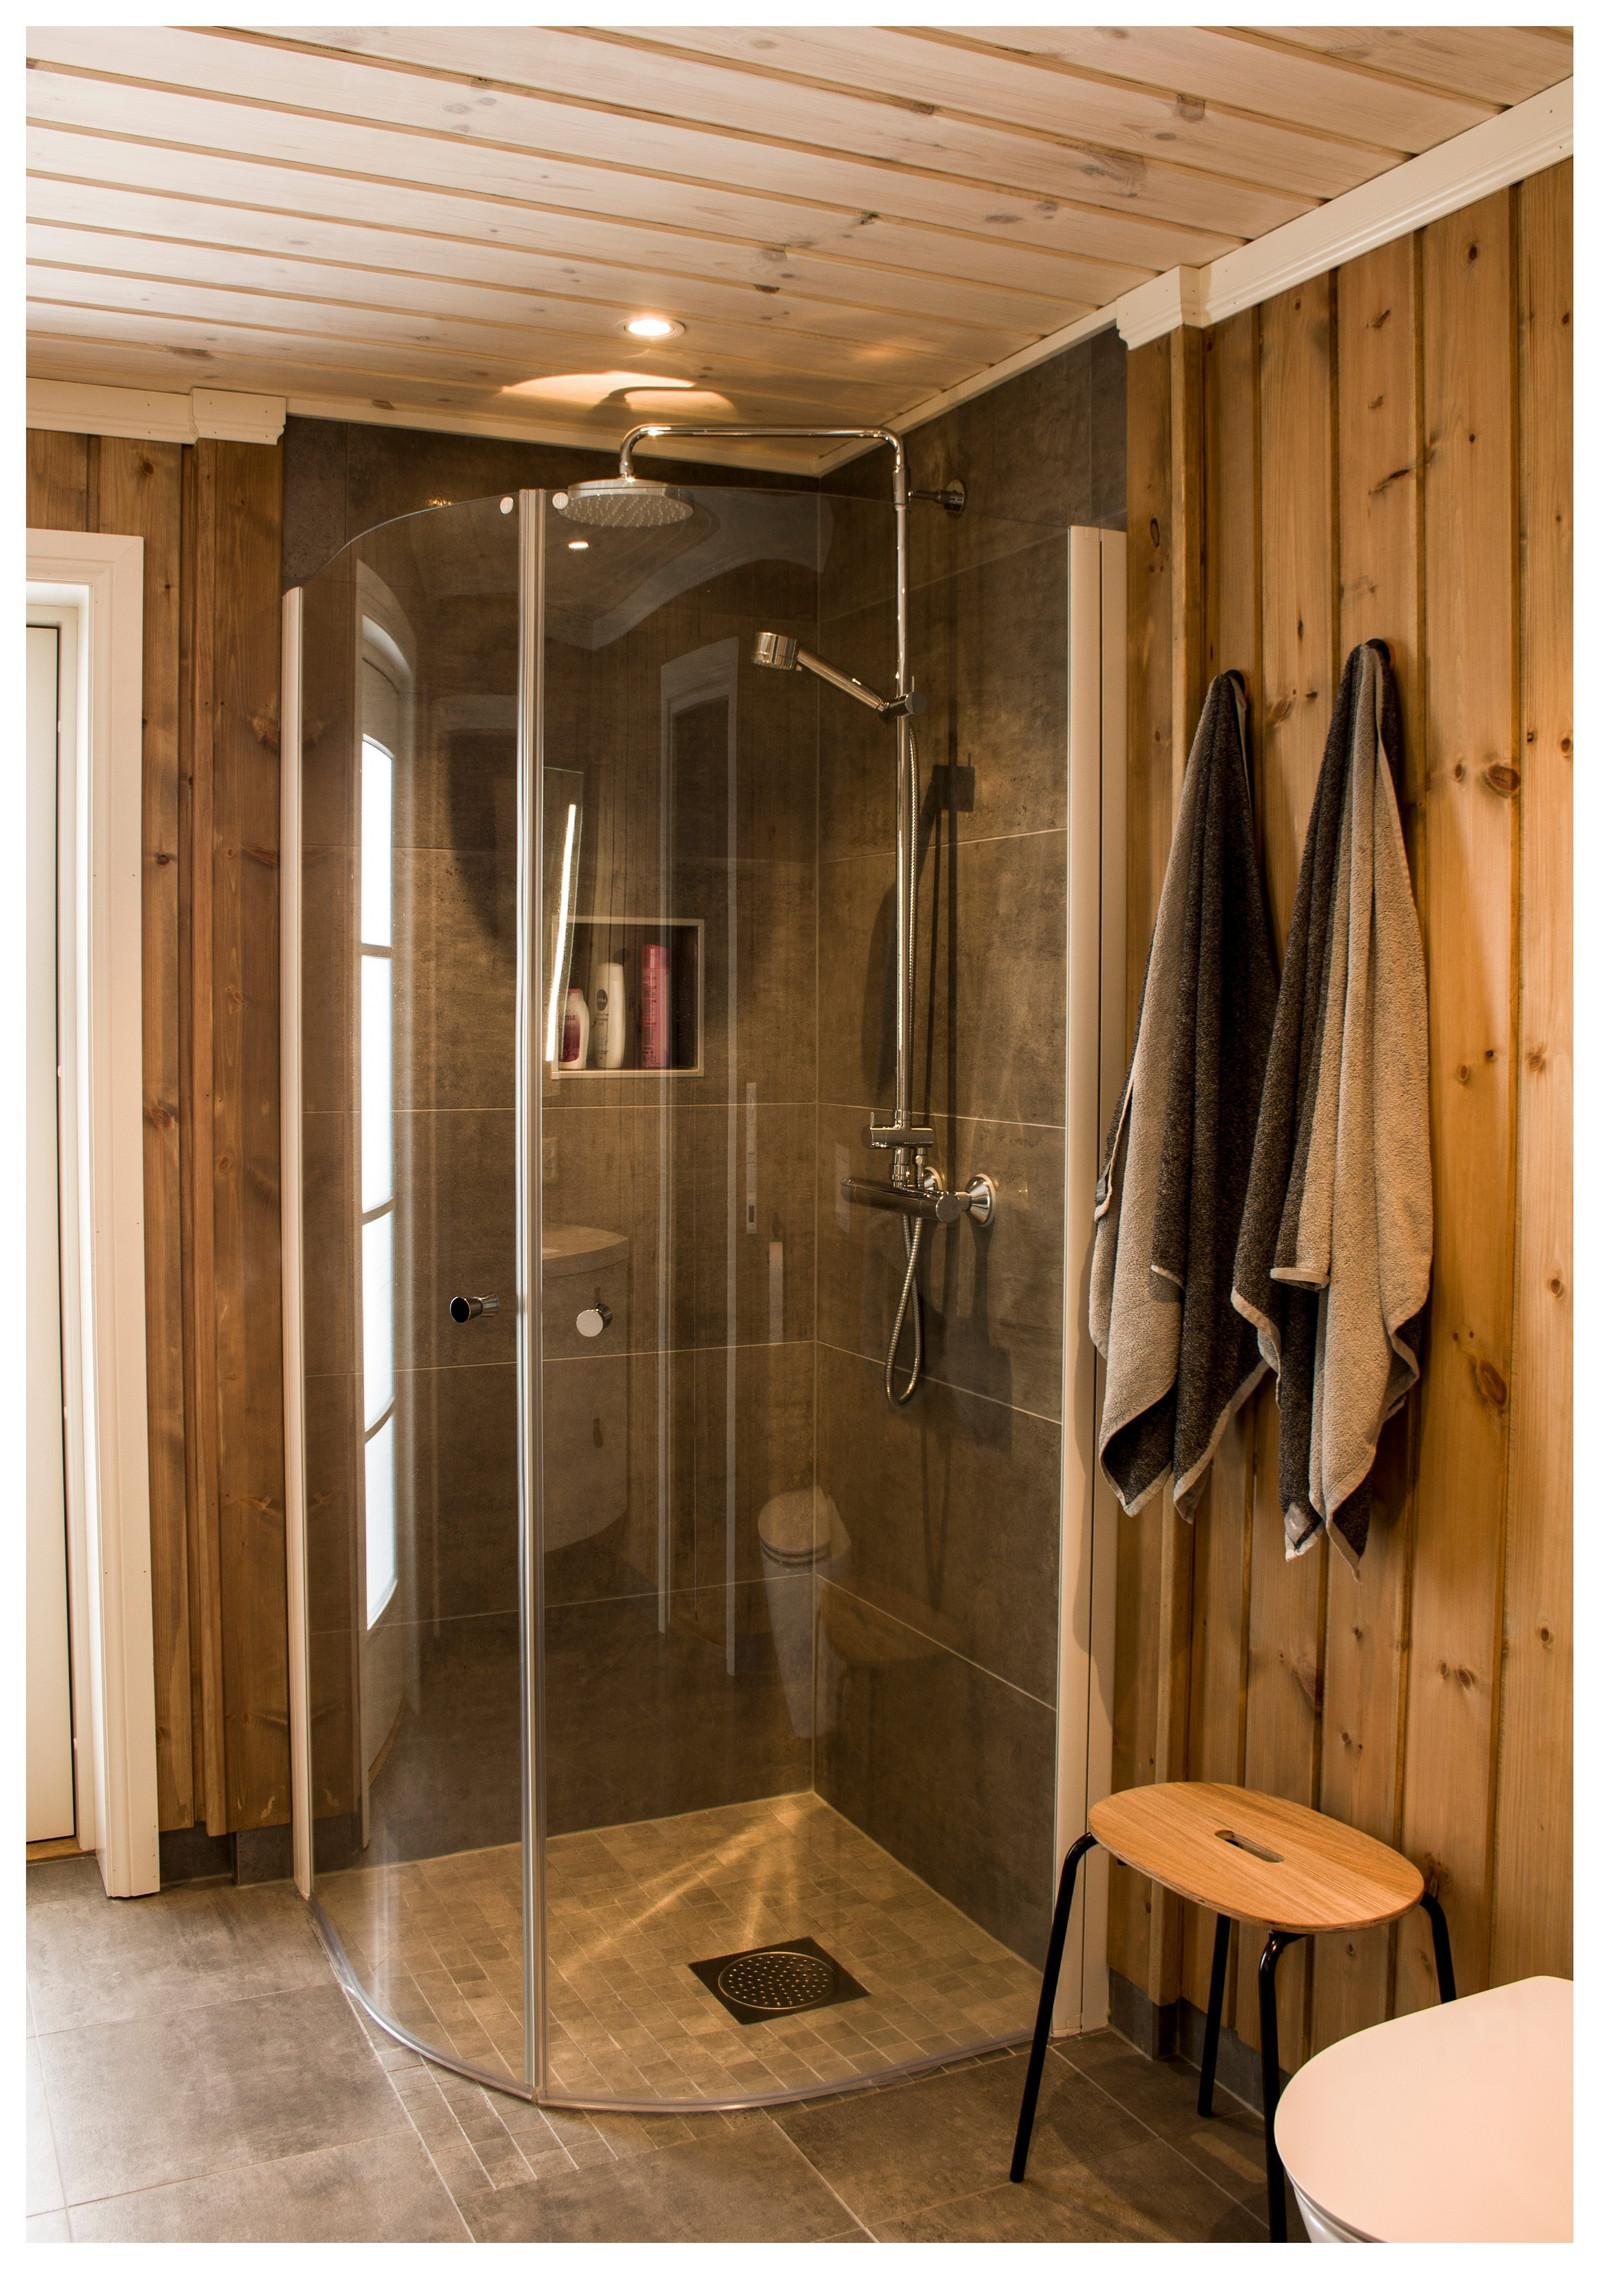 Kunde tilpasset bad med dusj nisje.